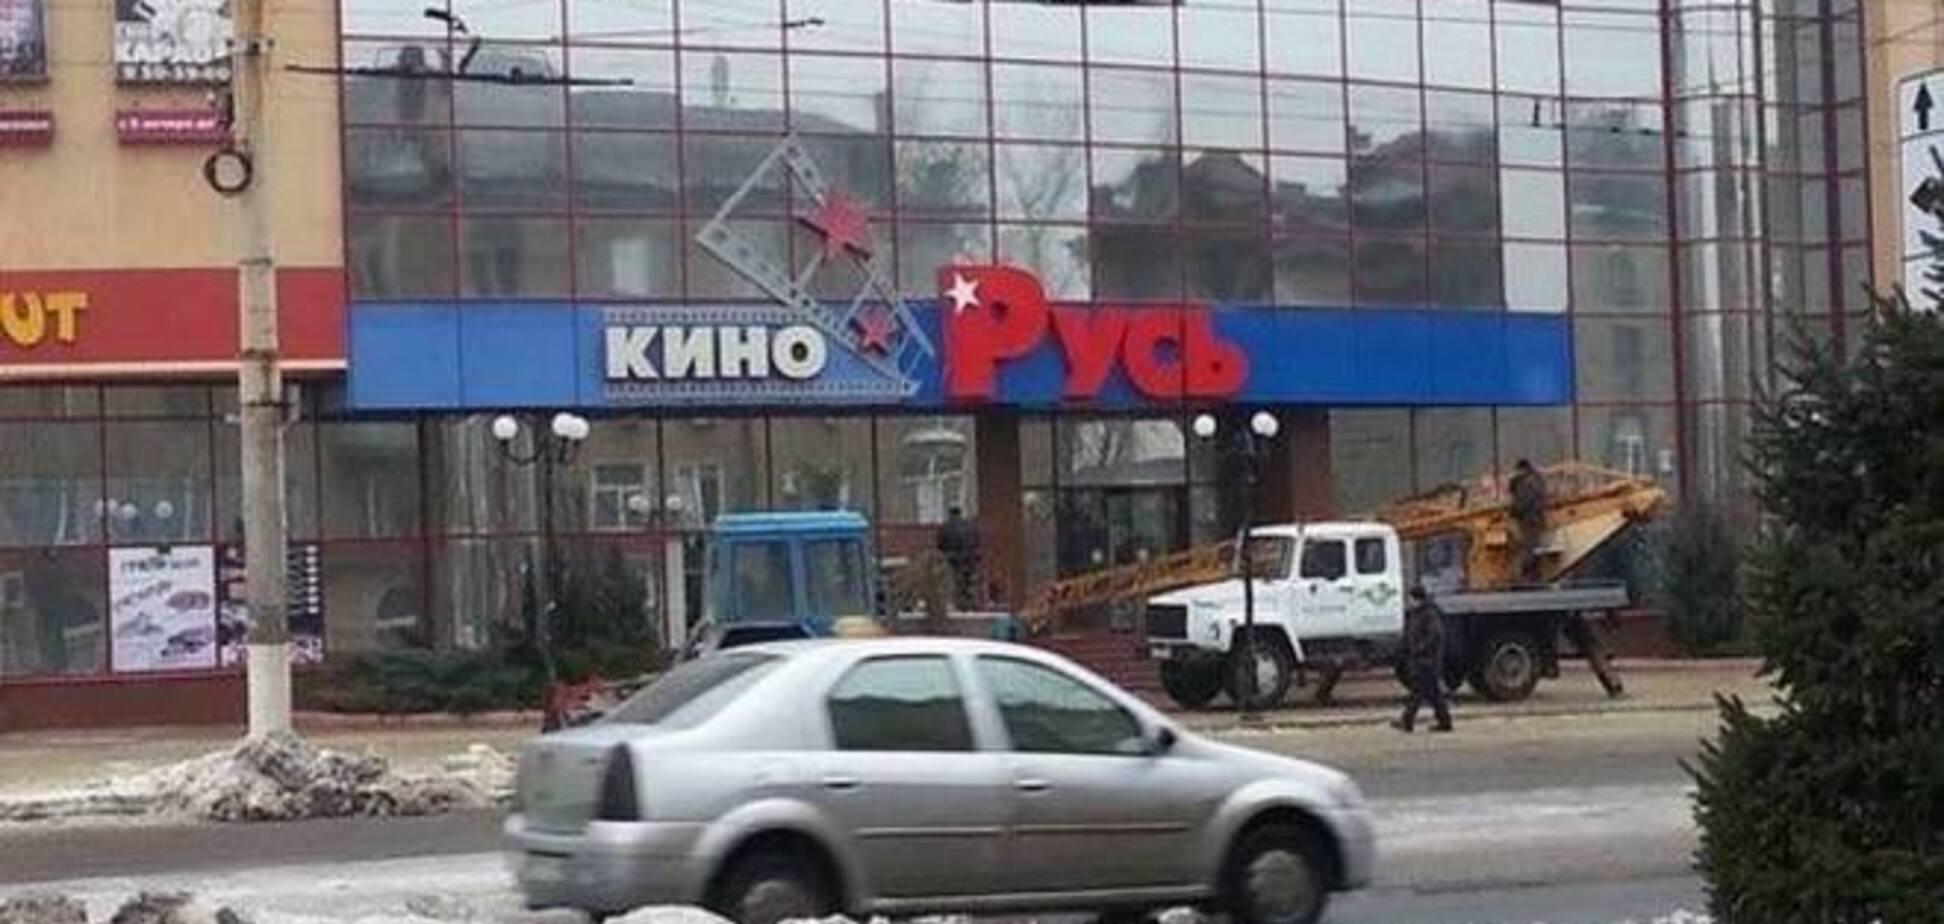 Ну, теперь заживем! В Луганске украинофобы переименовали кинотеатр 'Украина' в 'Русь': фотофакт